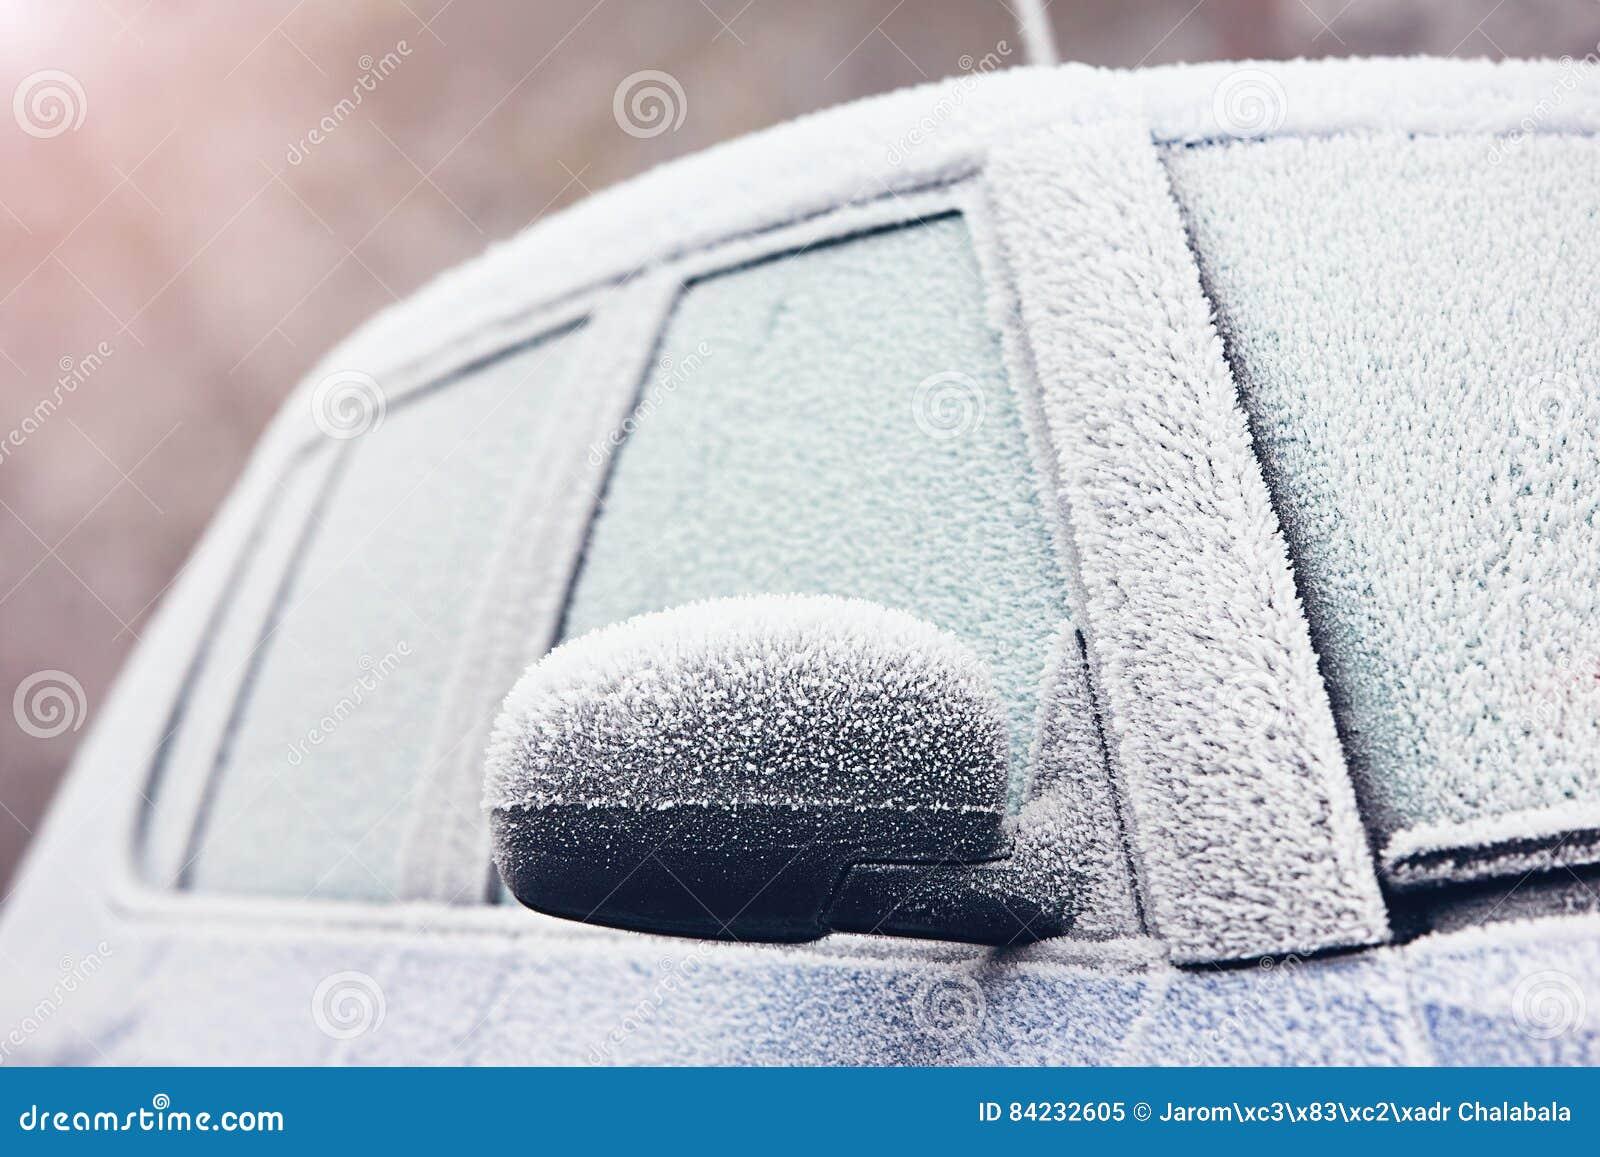 Samochód zakrywający zamrażać